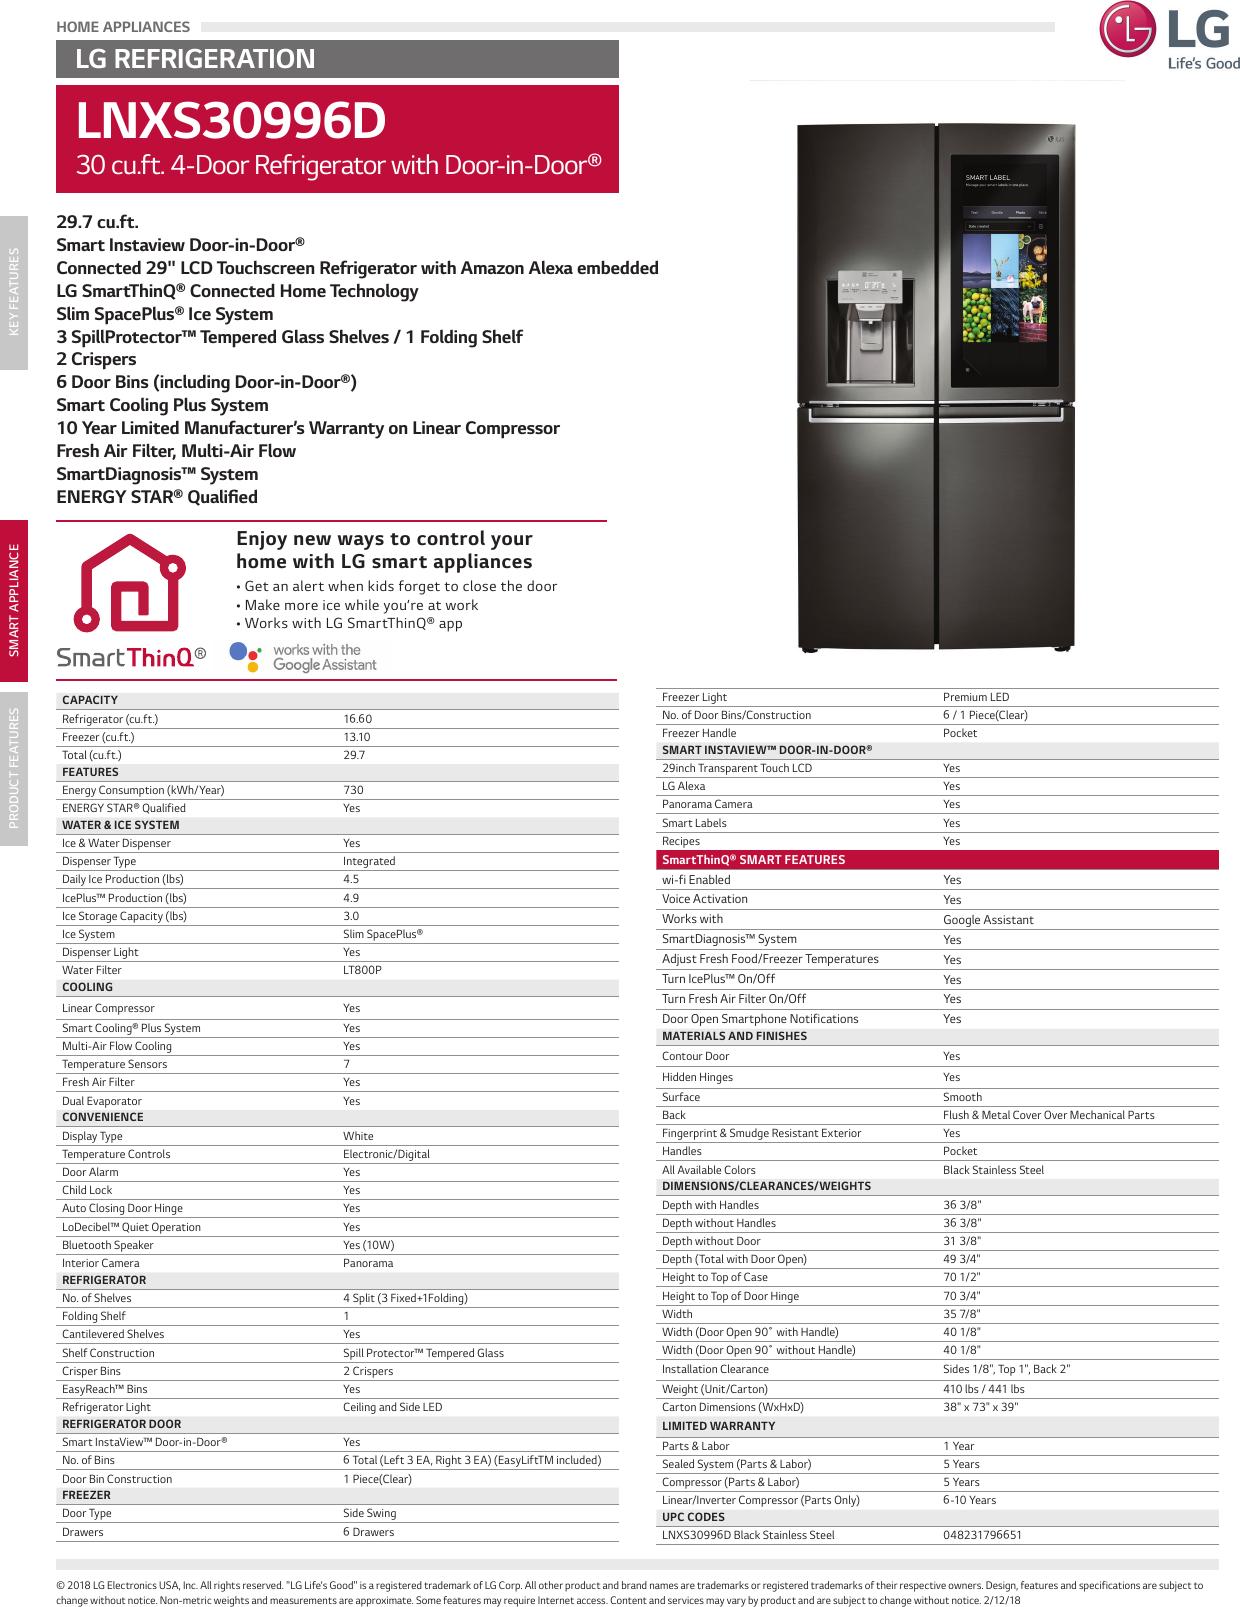 LG LNXS30996D User Manual Specification Spec Sheet